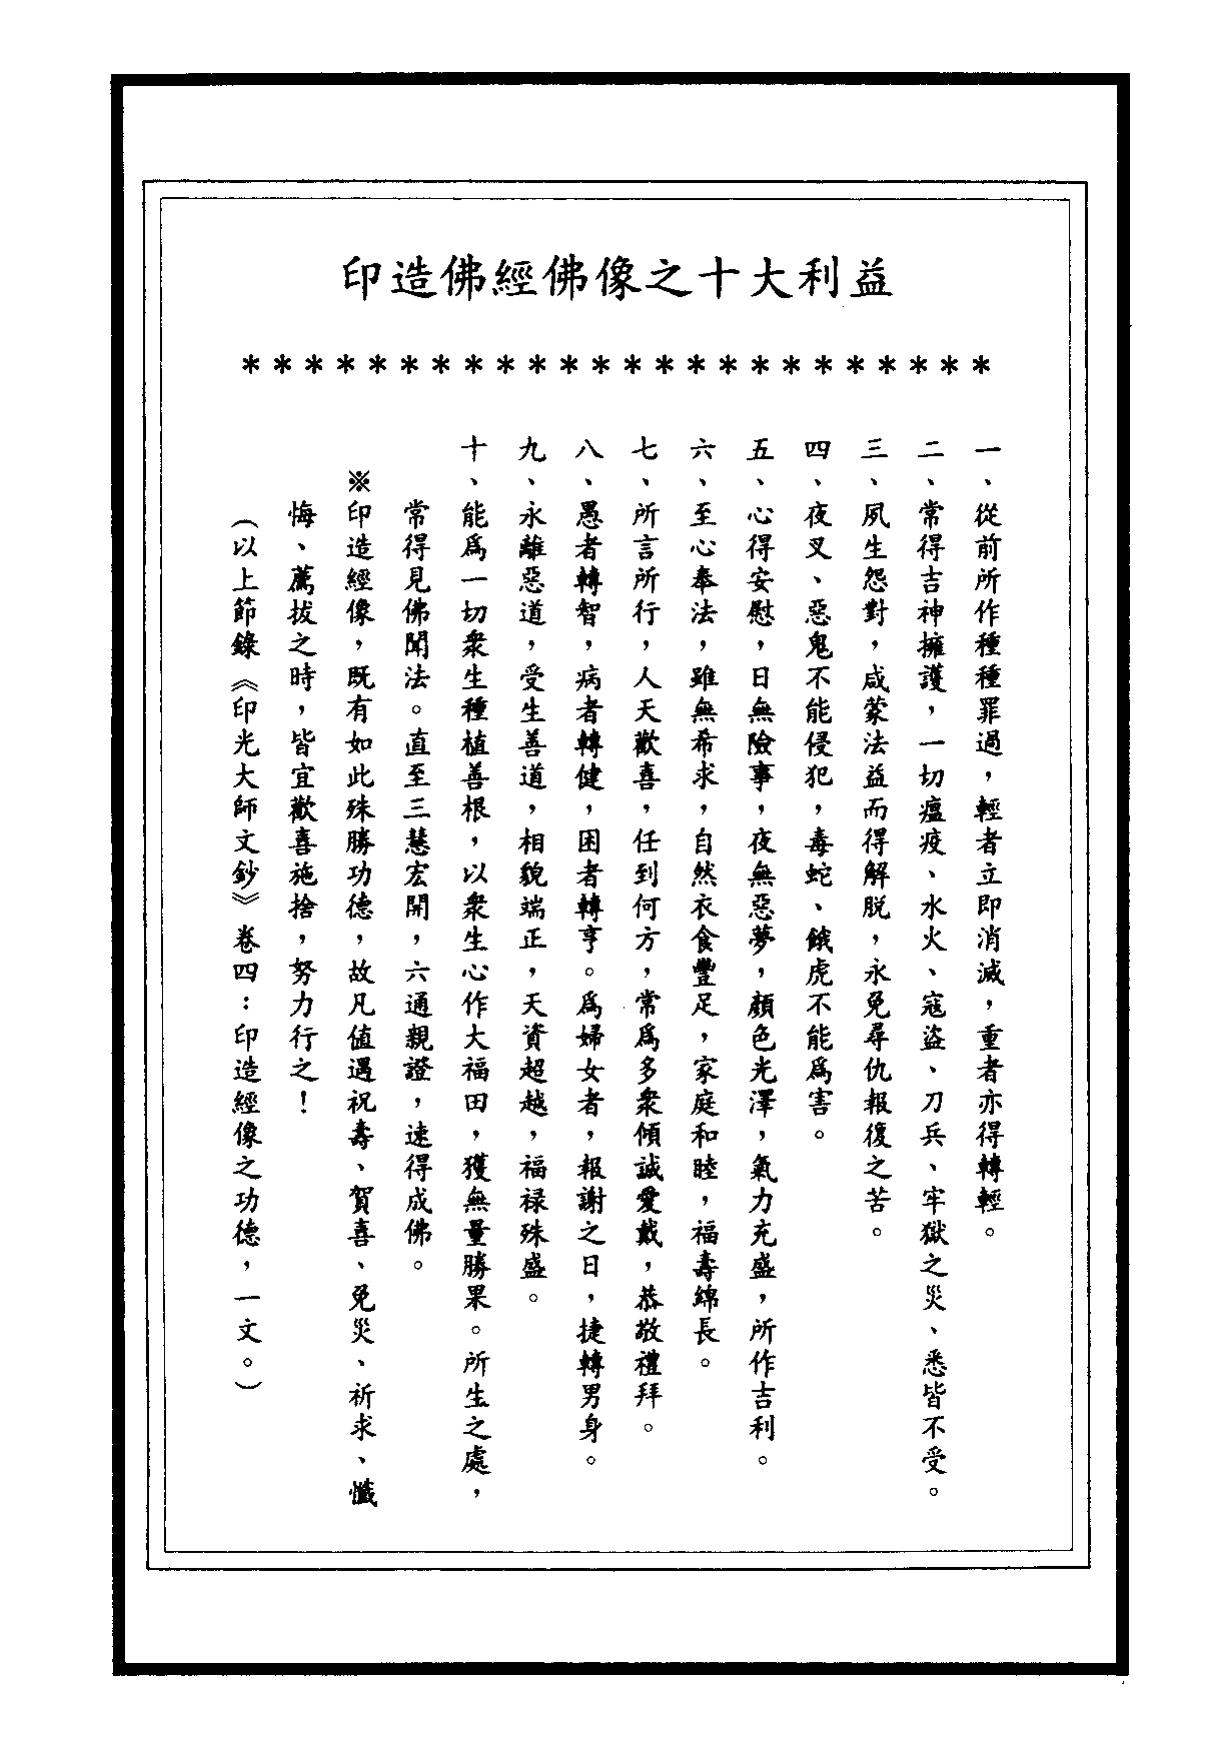 楞嚴咒-大悲咒-十小咒-易背本 2.png